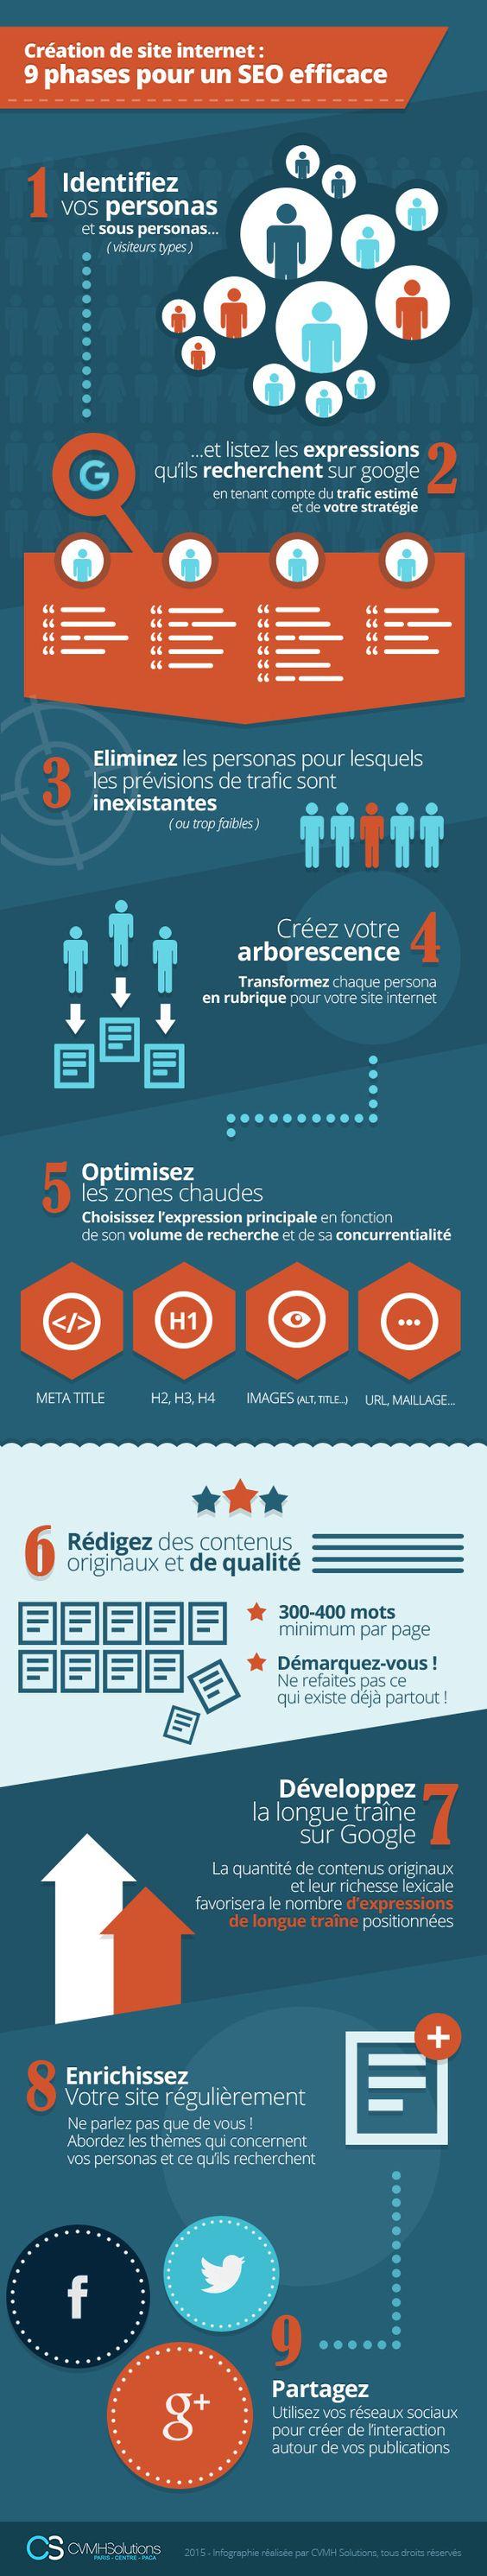 Une infographie qui présente 9 phases essentielles à prendre en compte pour optimiser le référencement naturel de votre site web dès sa création